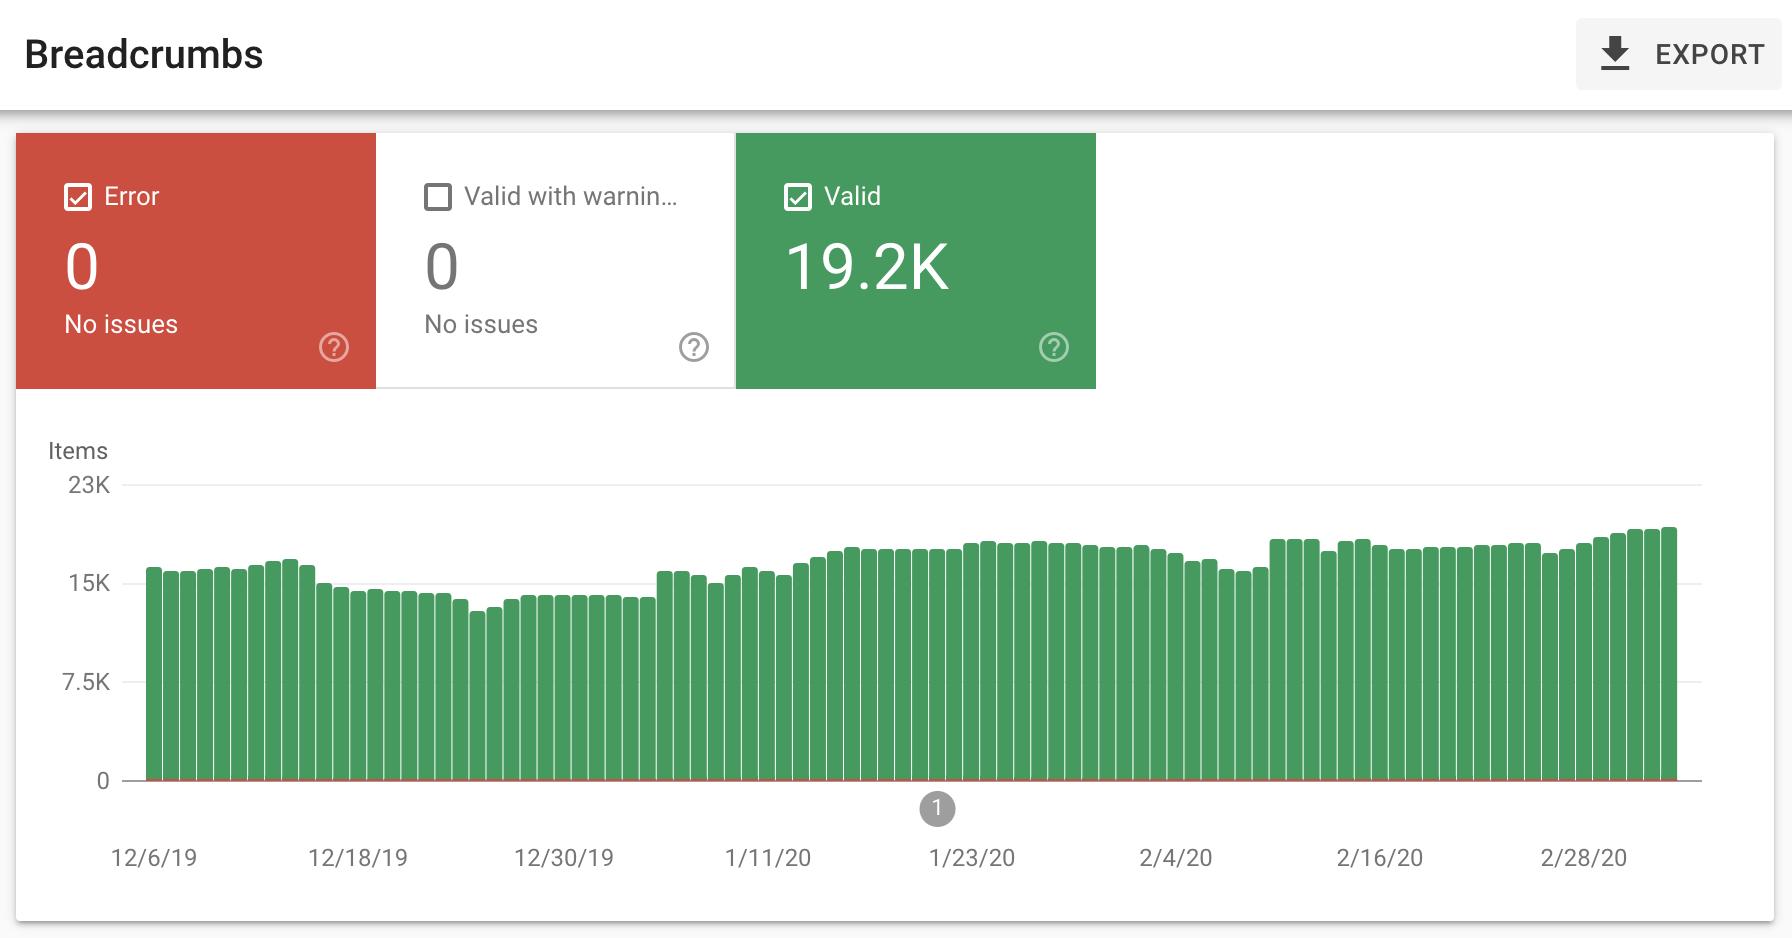 Search Console में ब्रेडक्रंब का स्ट्रक्चर्ड डेटा